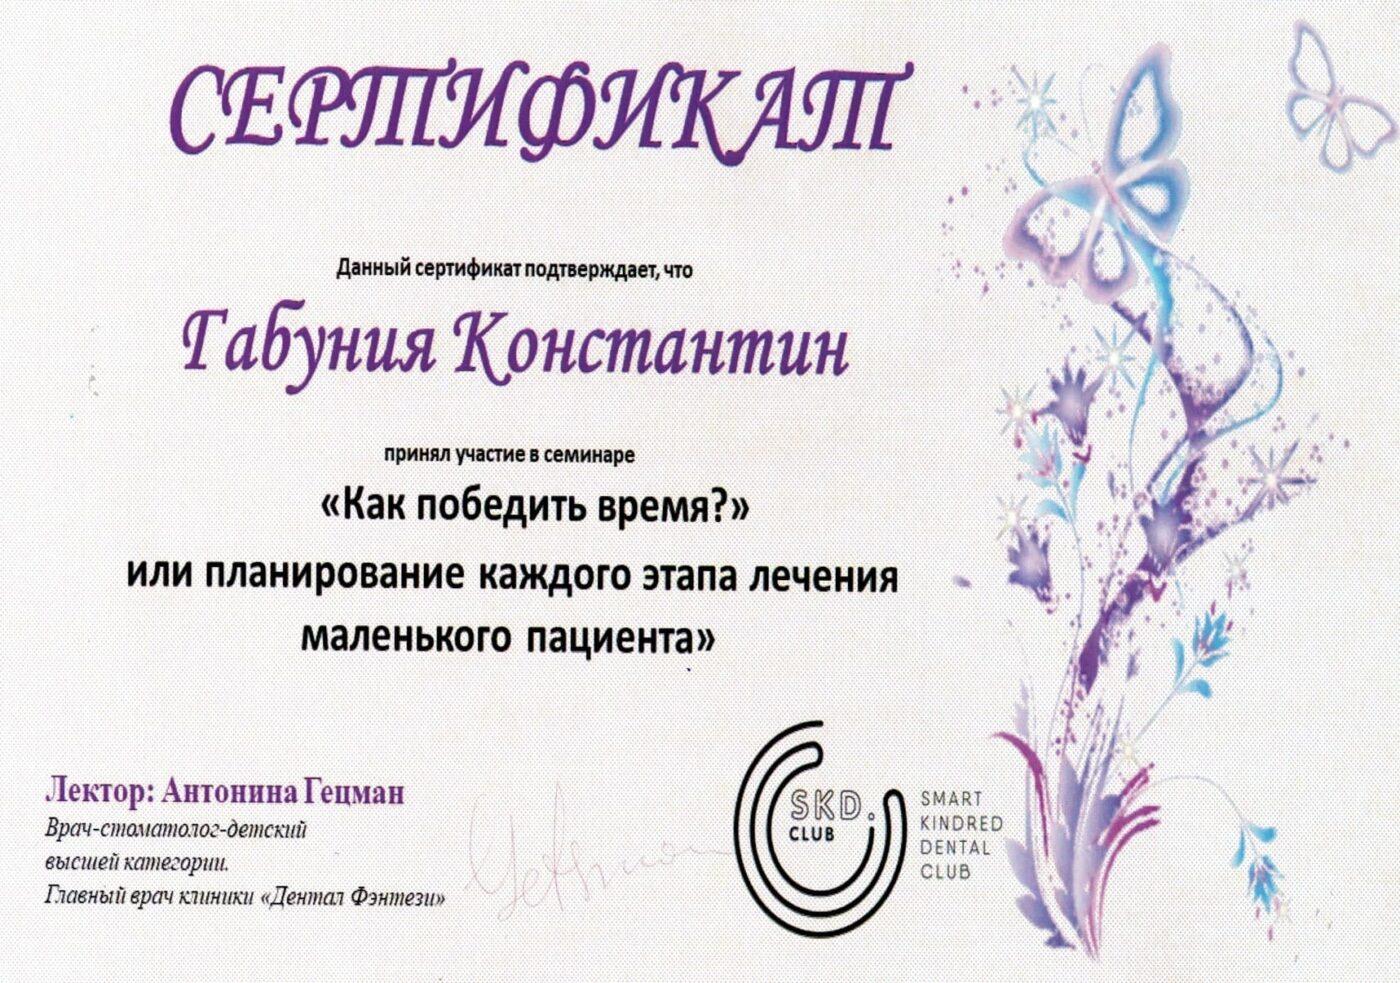 Сертификат подтверждающий участие Константина Габунии в курсе - Планирования каждого этапа лечения маленького пациента